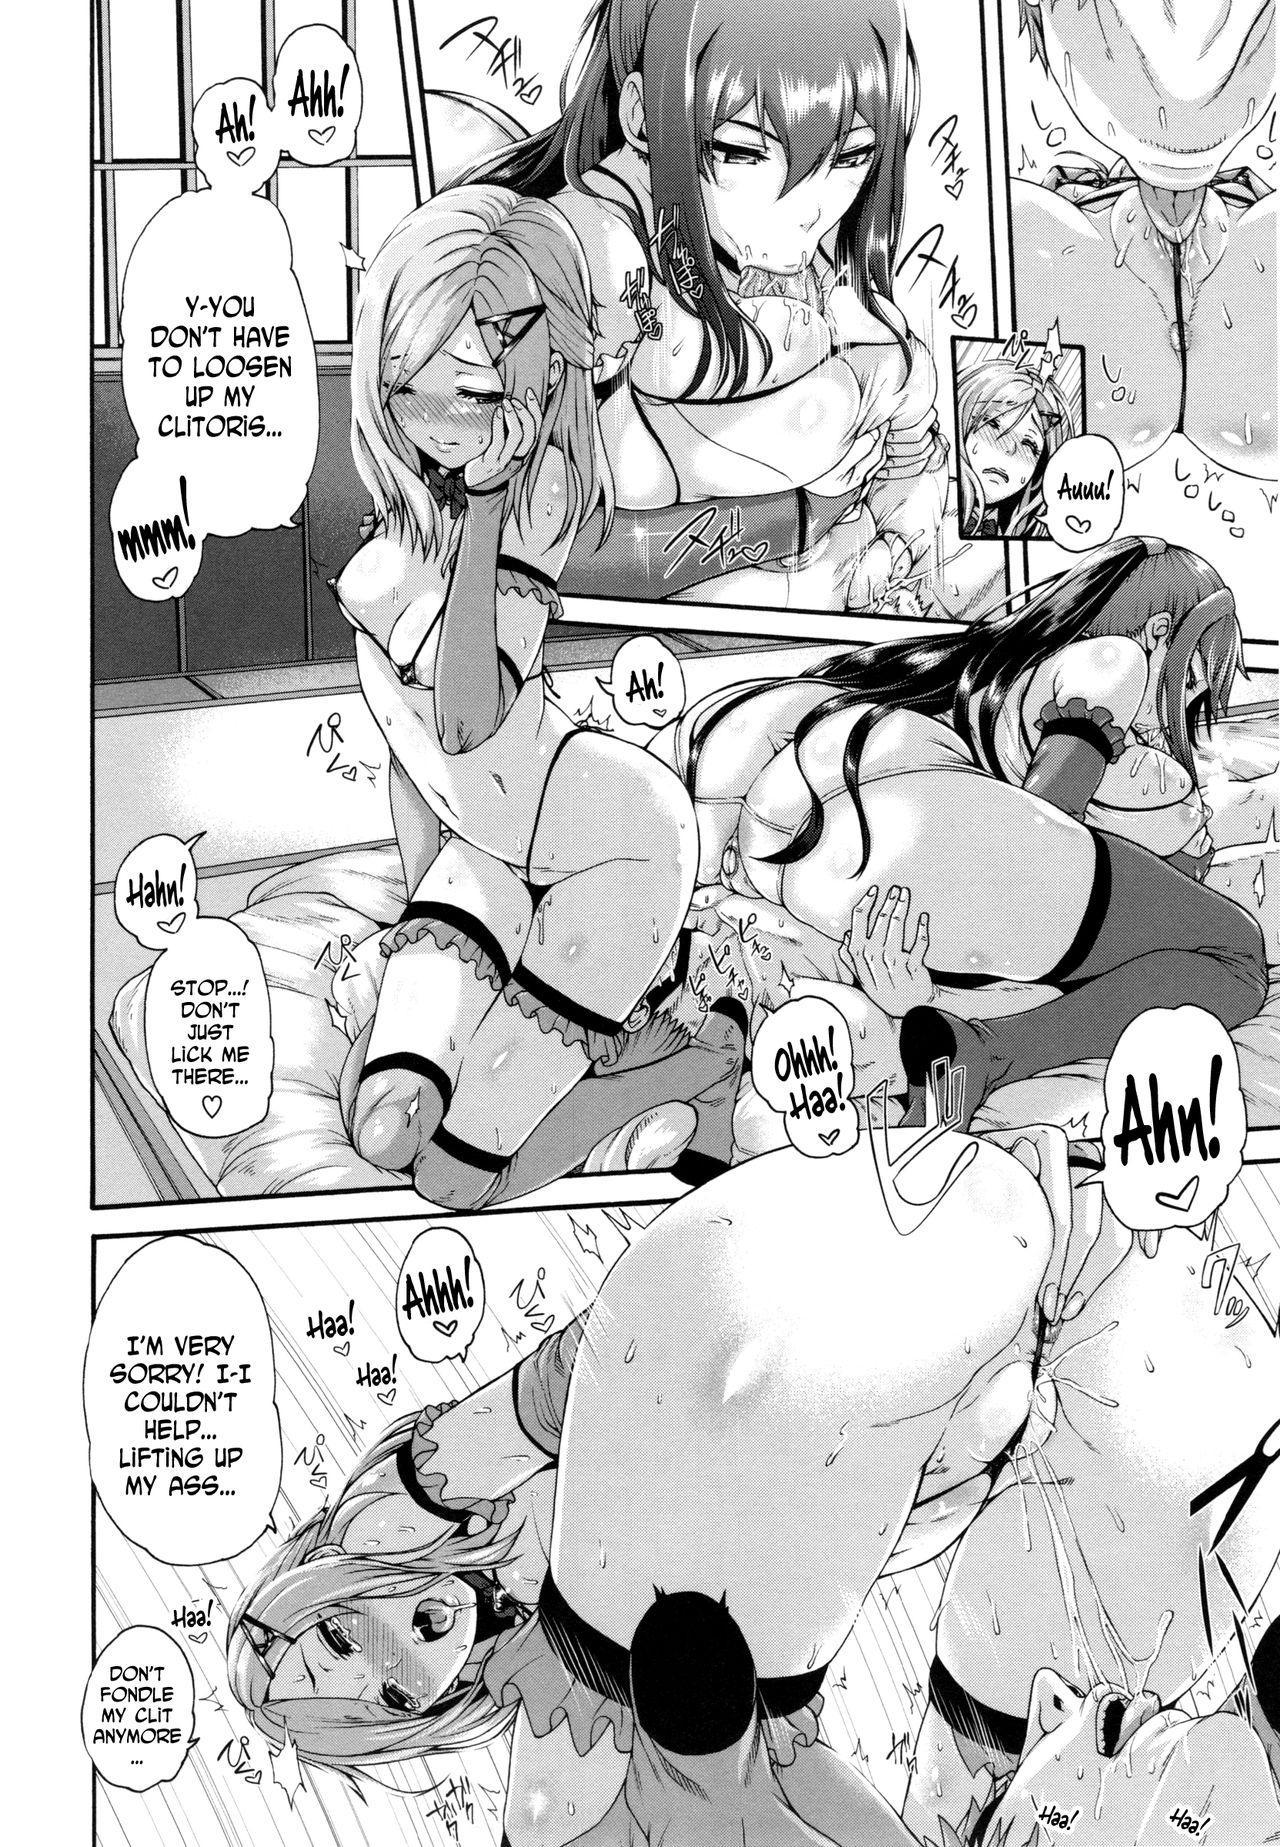 Futari wa Onapet | The Two are Fap Materials + Haru-Bitch 3